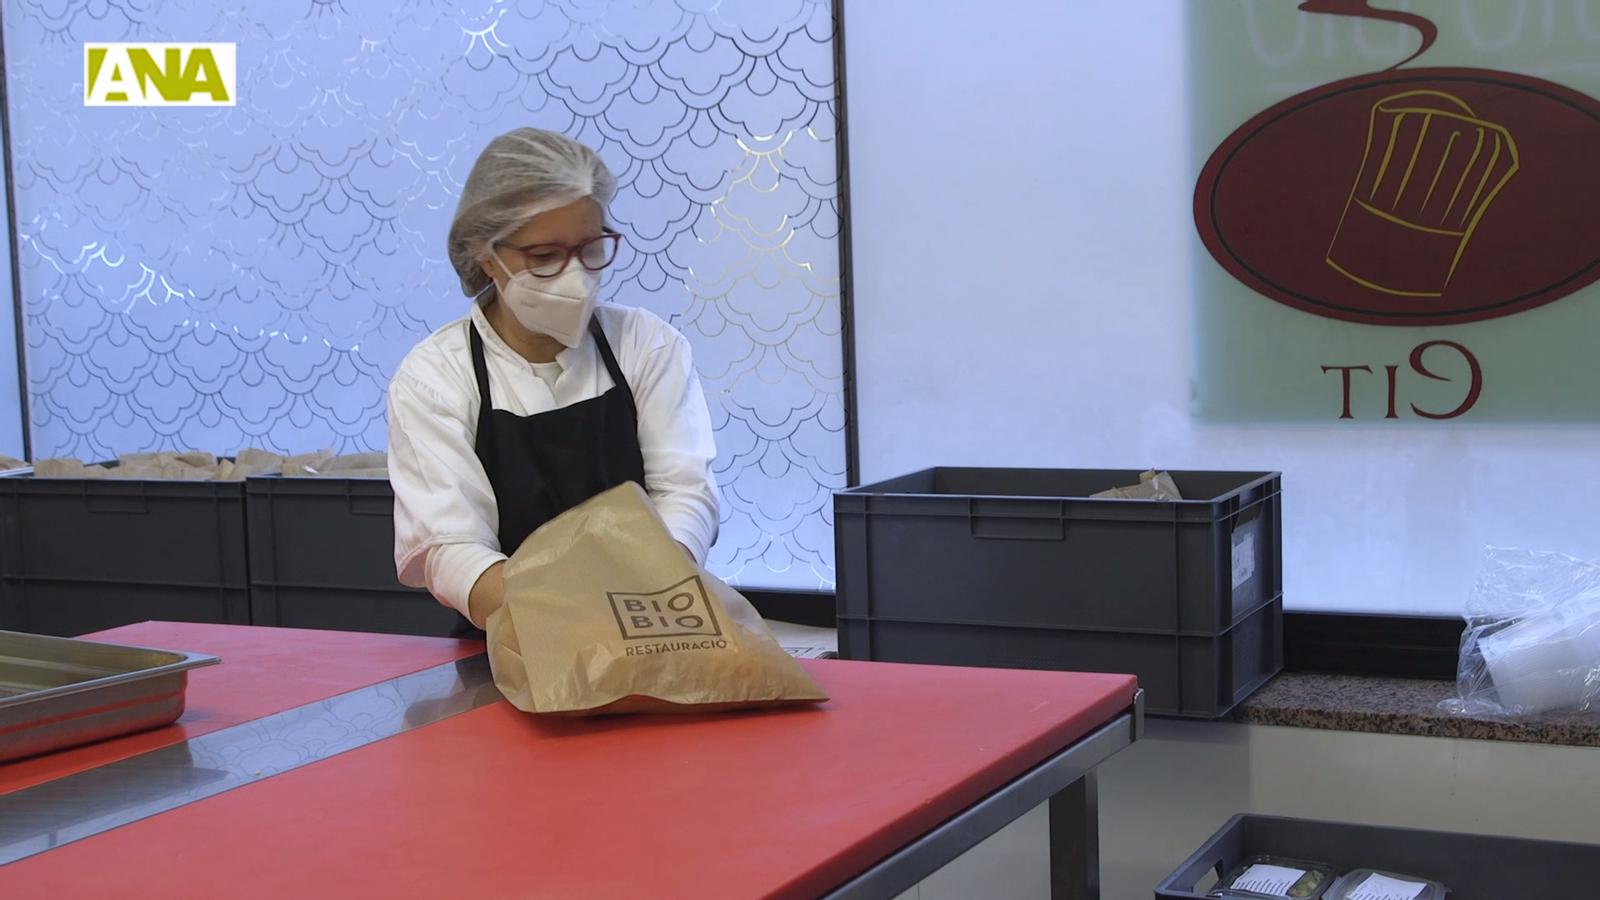 Preparació d'àpats de Bio Bio